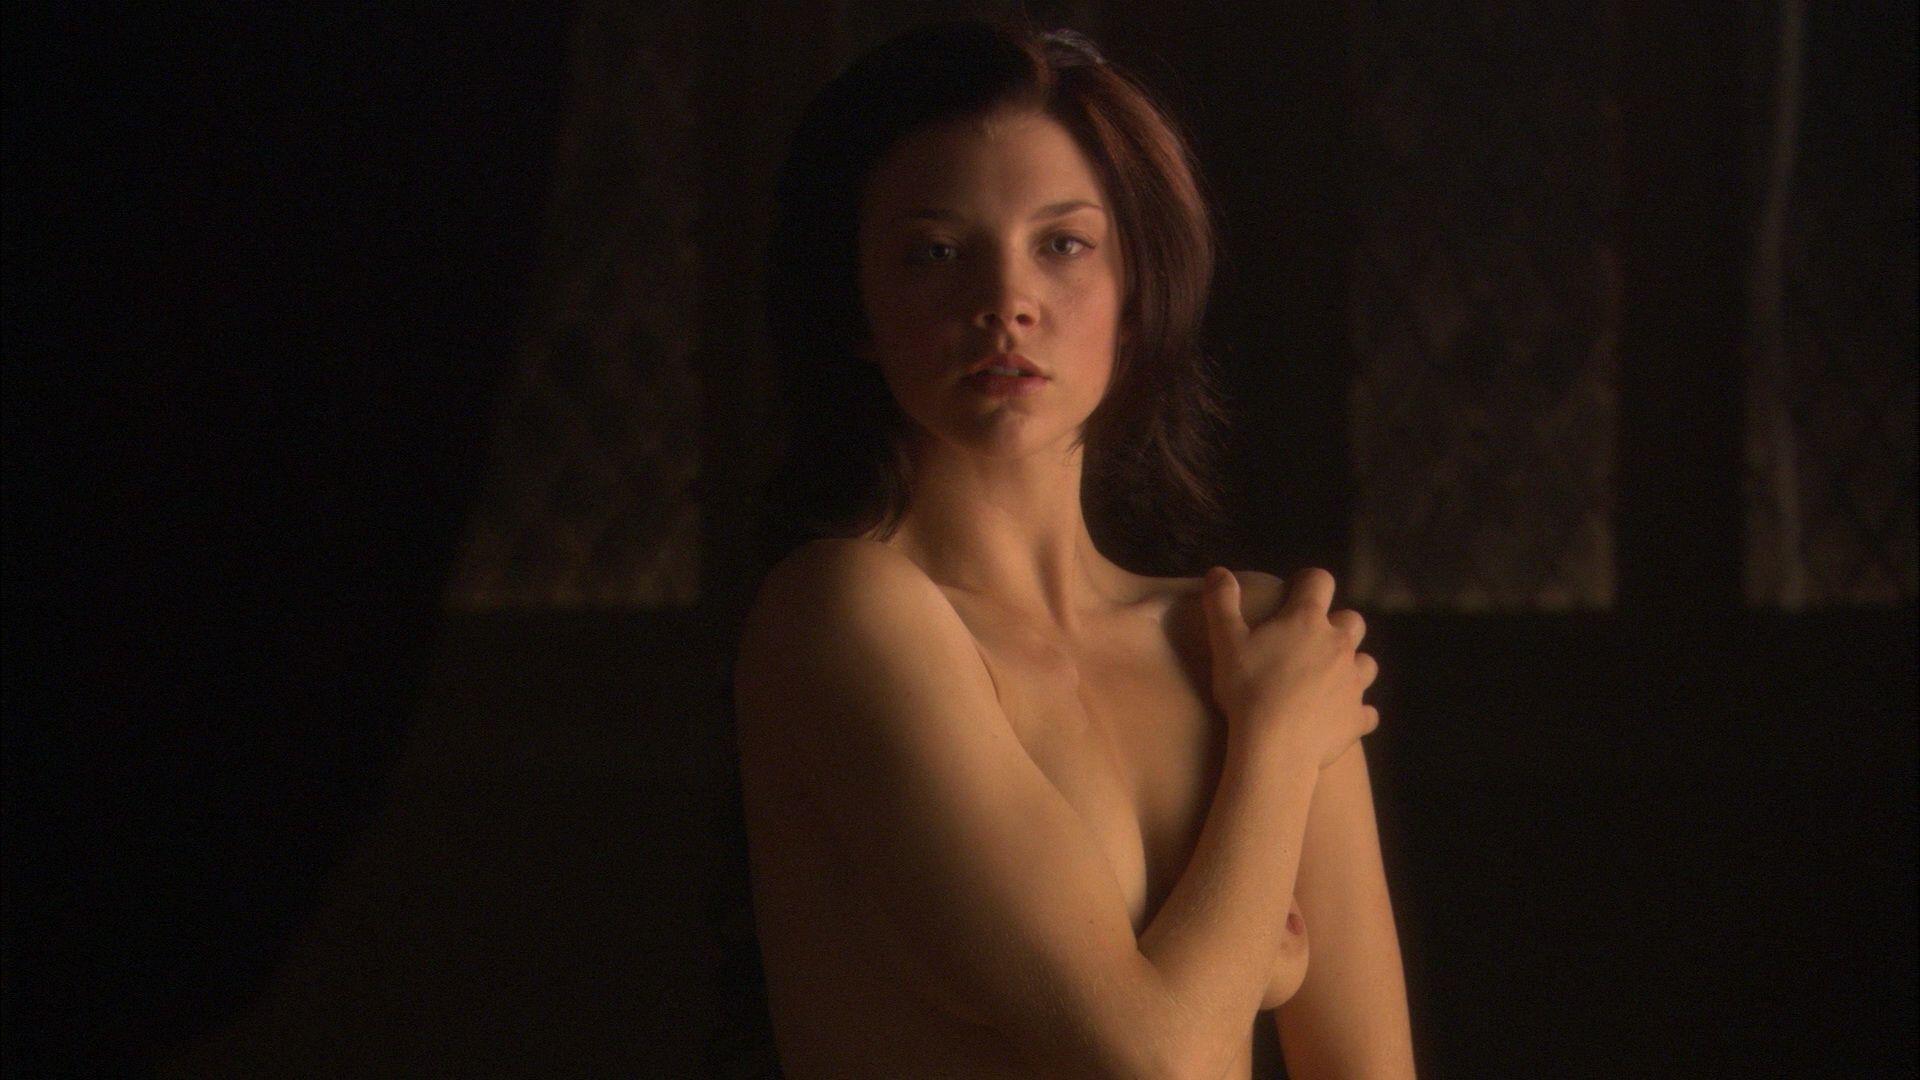 Natalie Dormer booty